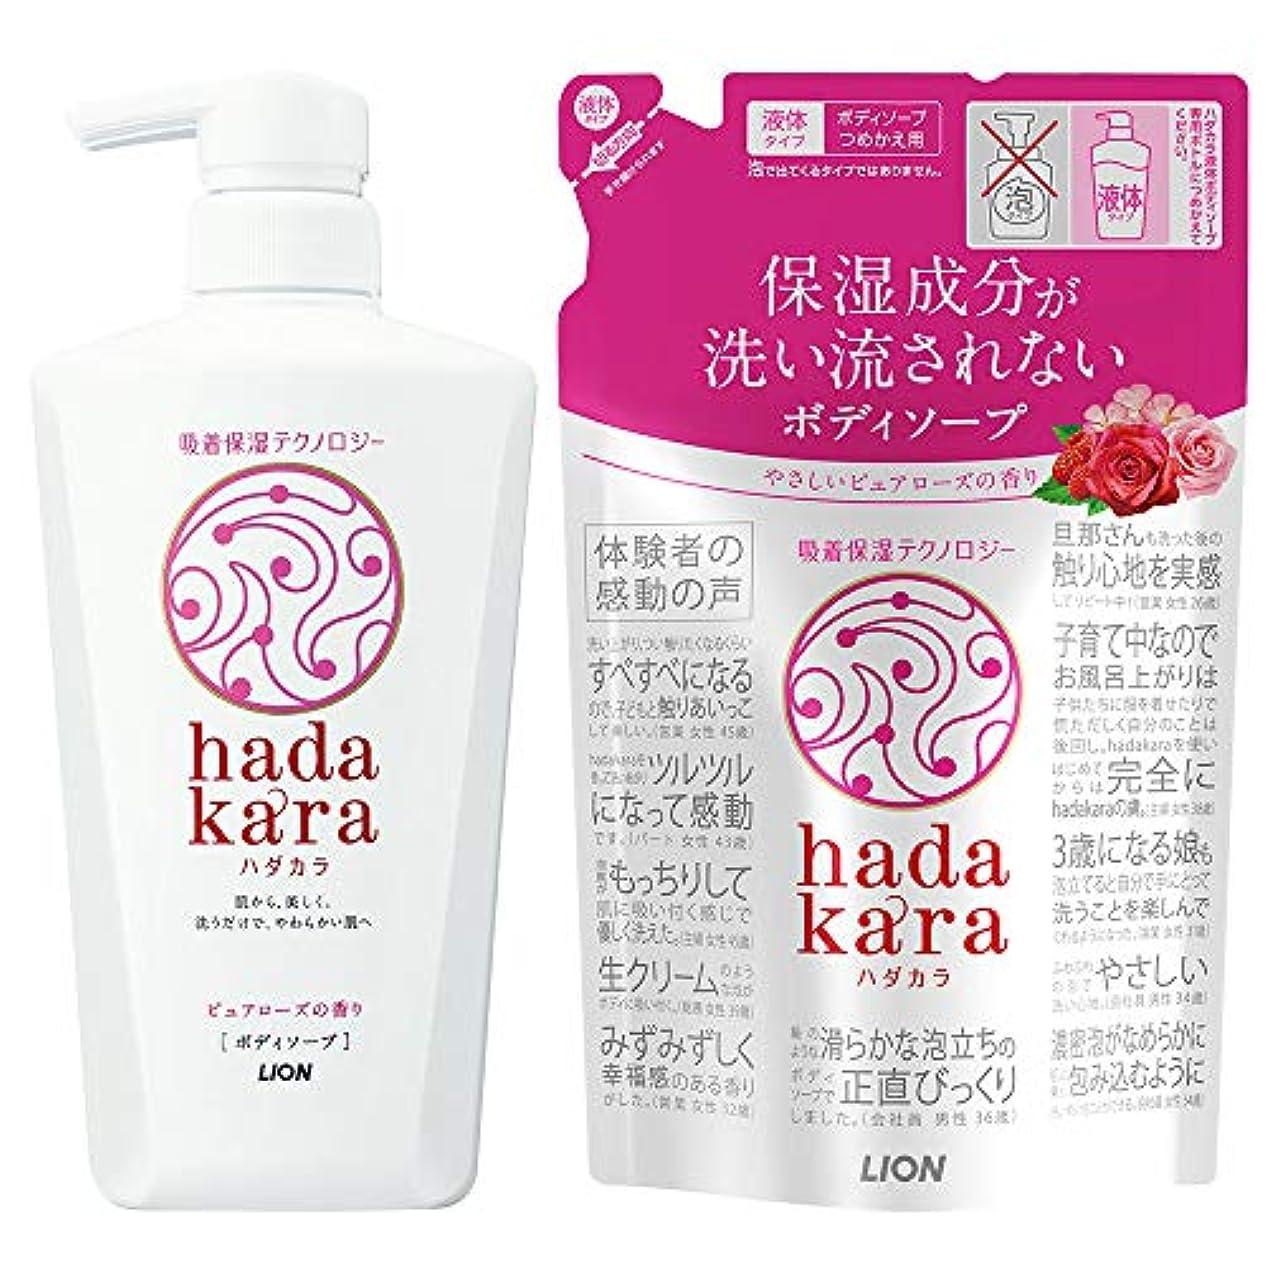 無駄騙す損なうhadakara(ハダカラ) ボディソープ ピュアローズの香り 本体500ml+つめかえ360ml +